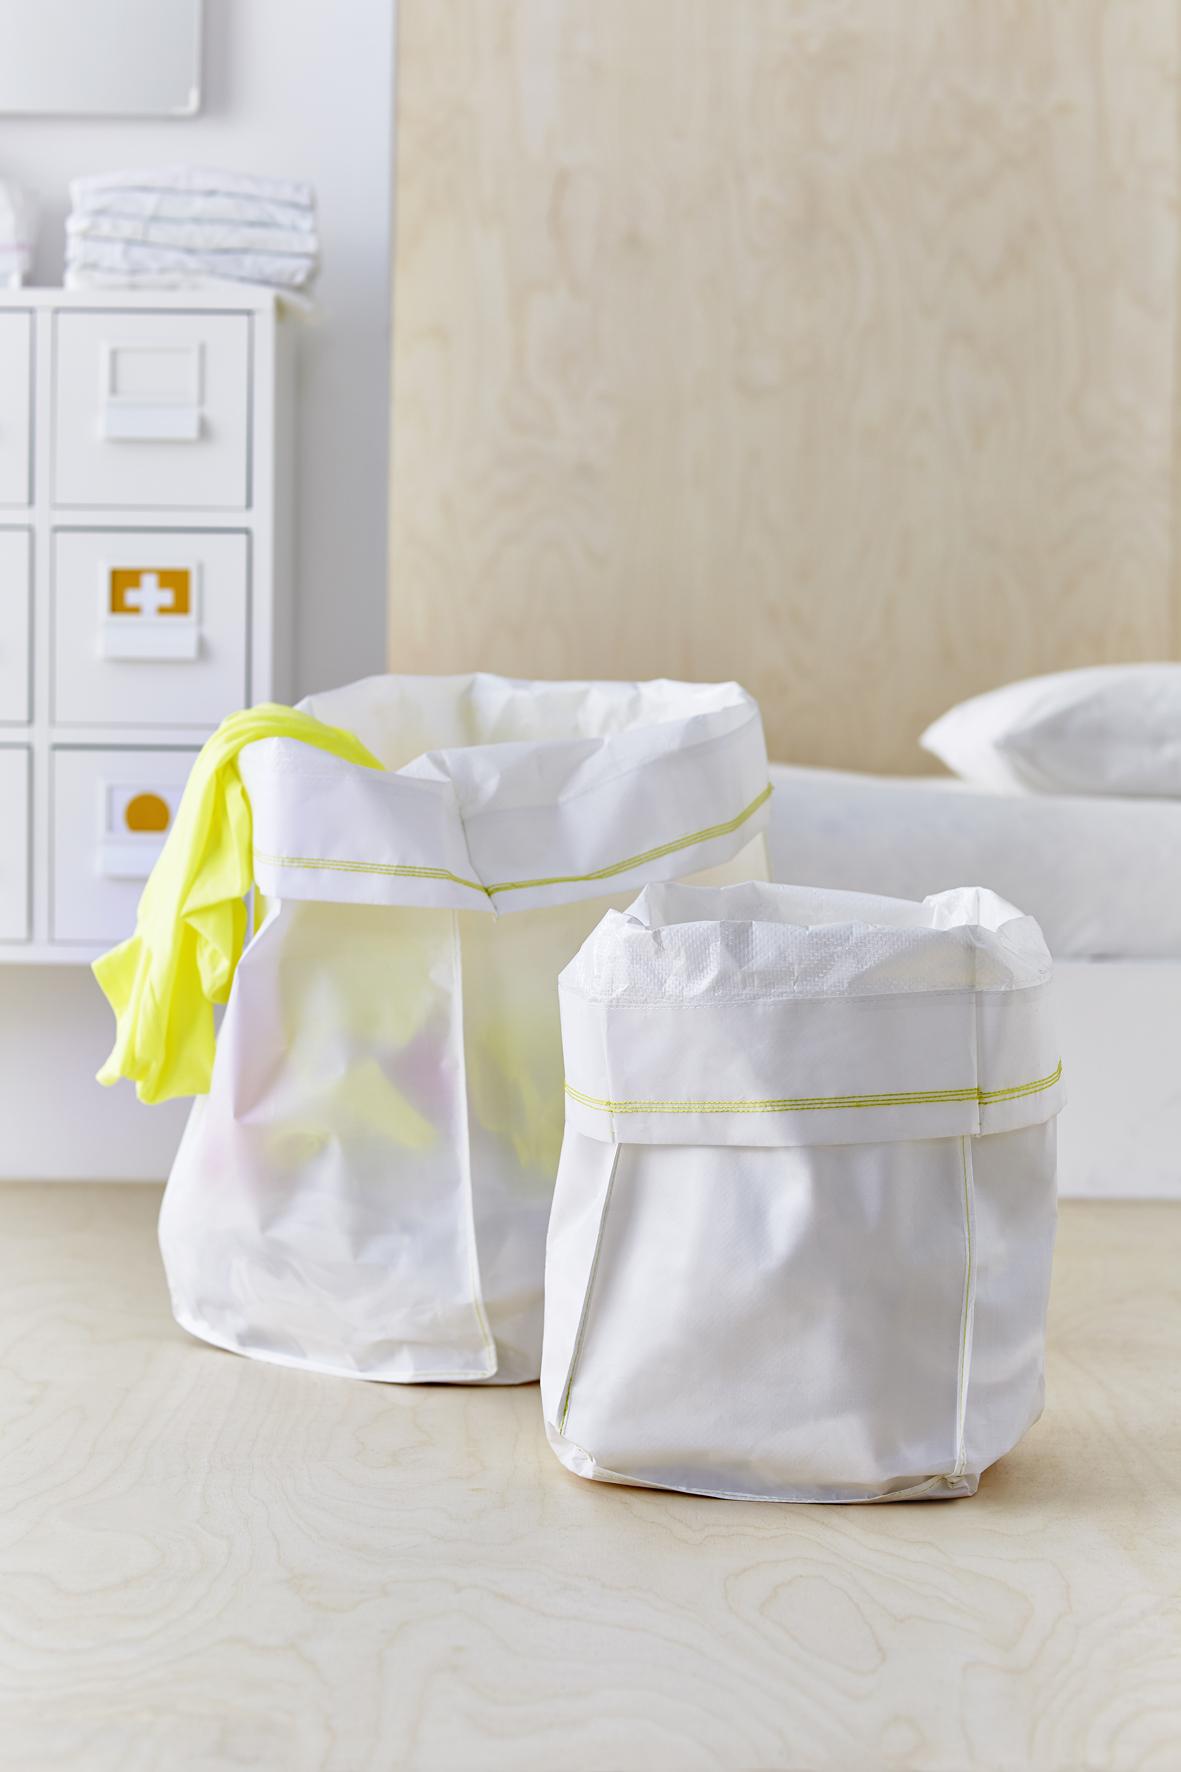 Ikea en badkamer : ikea badkamerspiegels. ikea badkamerkastje ...